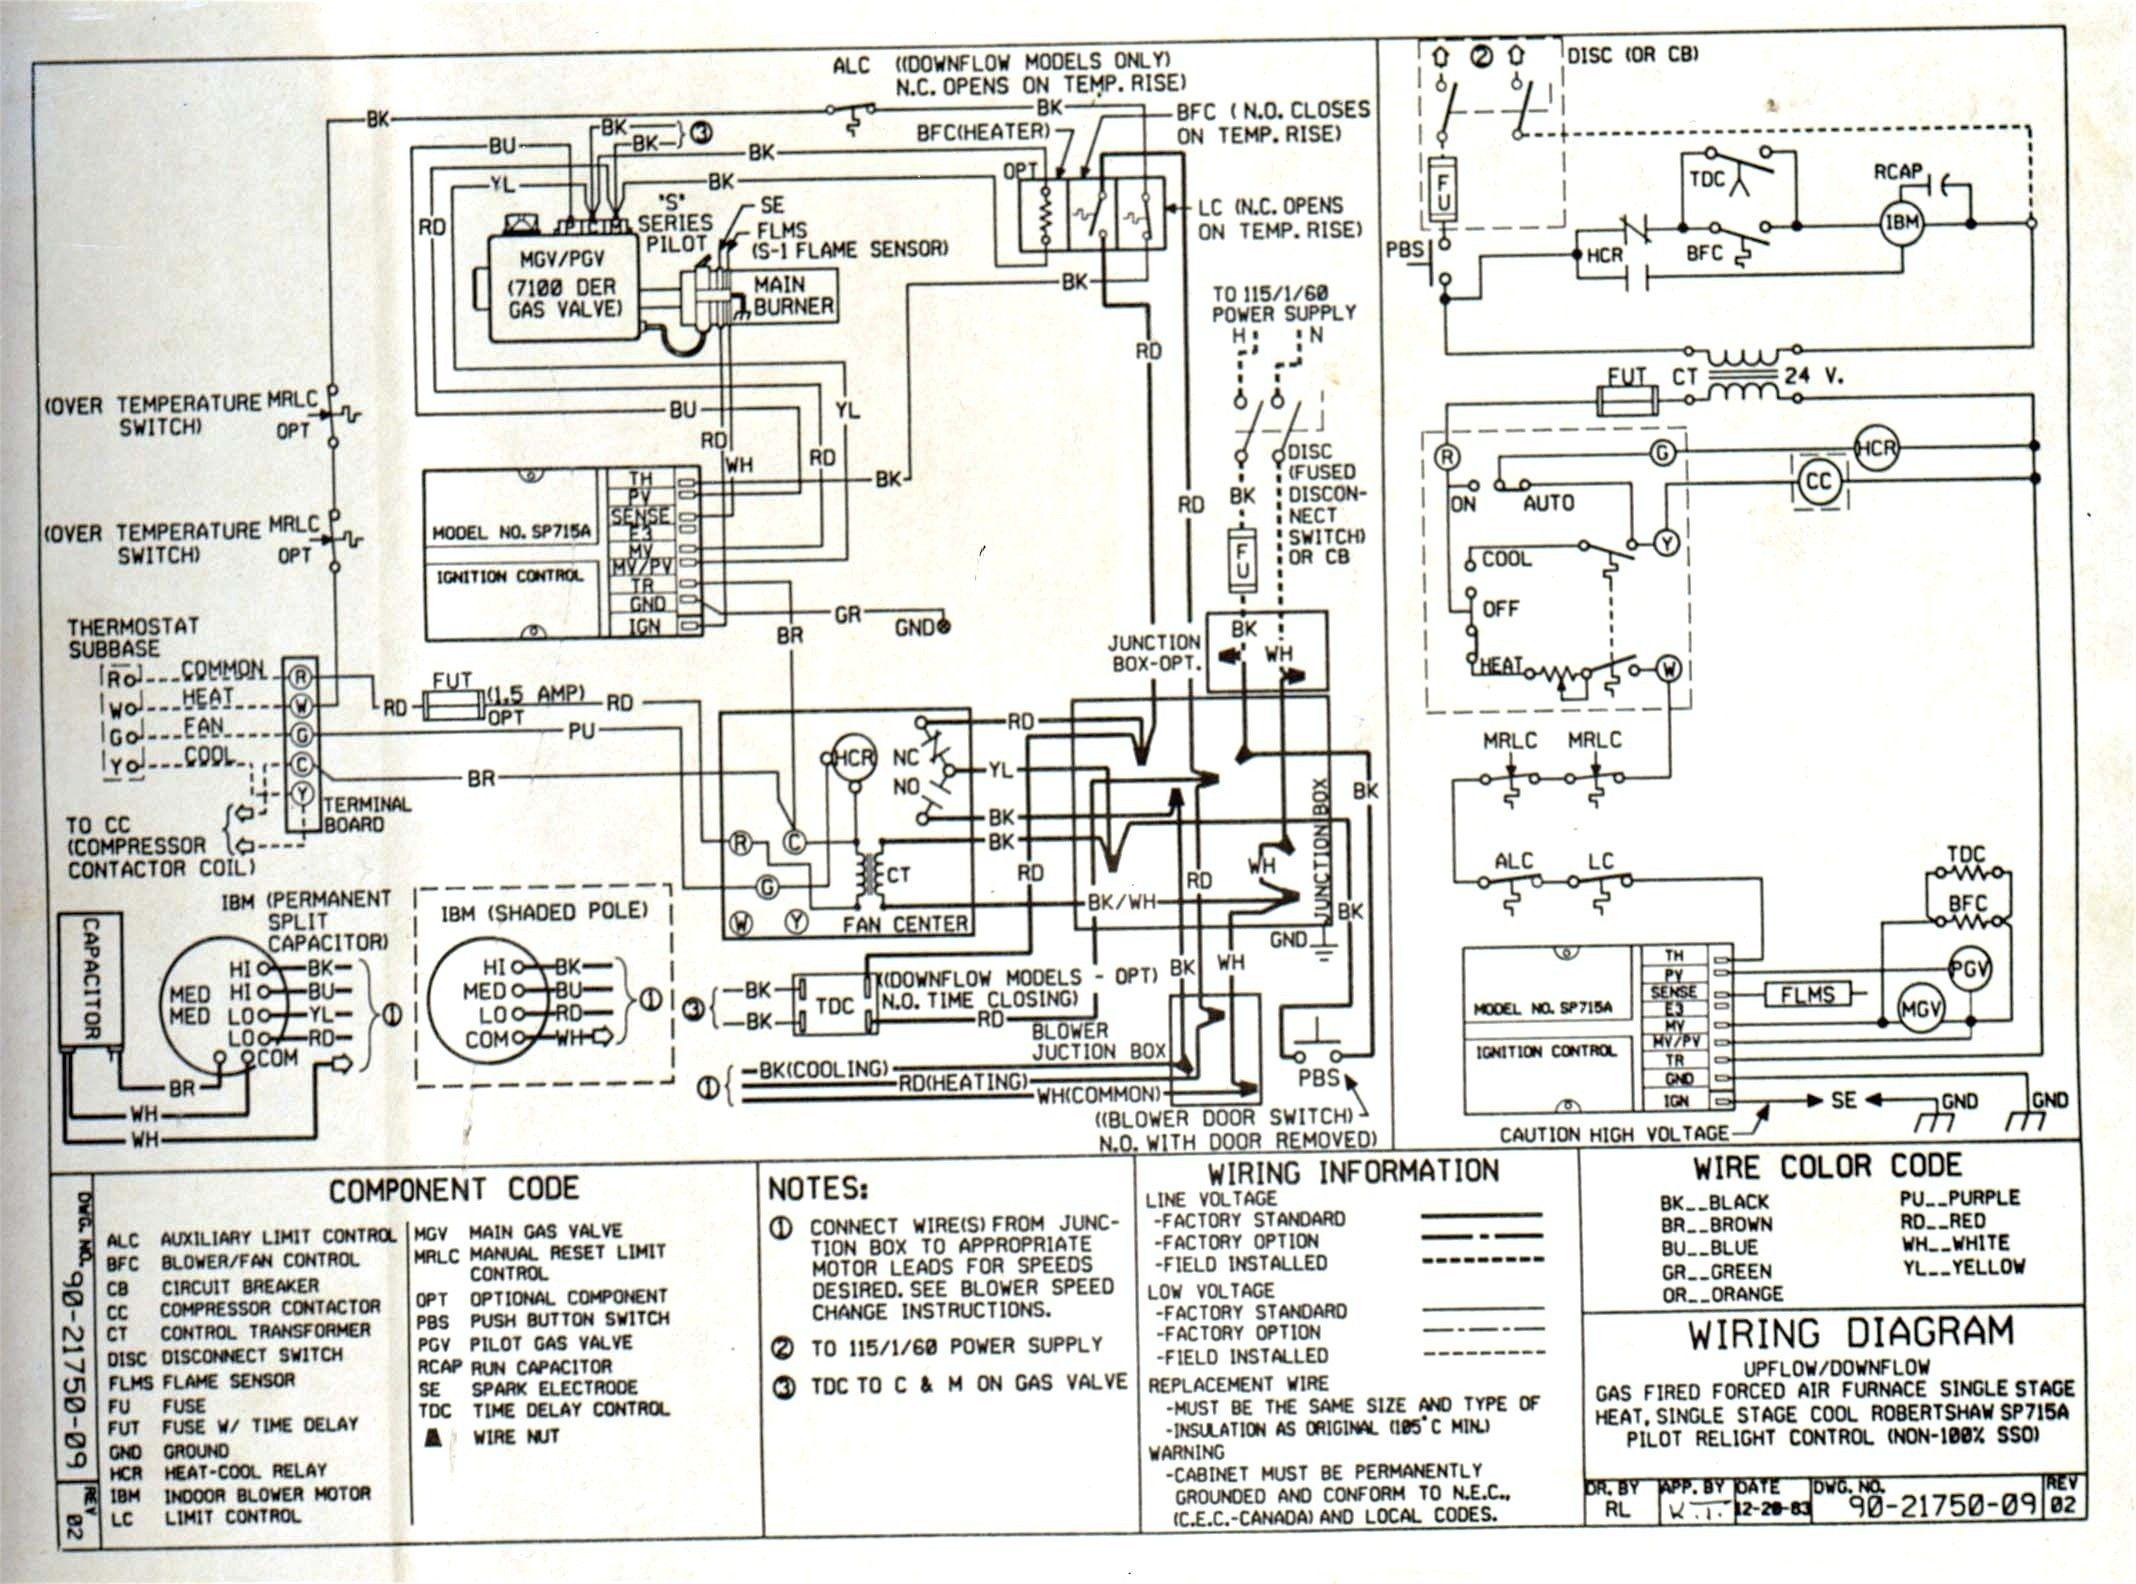 Unique Panel Wiring Diagram Diagram Wiringdiagram Diagramming Diagramm Visuals Visualis Electrical Diagram Trailer Wiring Diagram Water Heater Thermostat